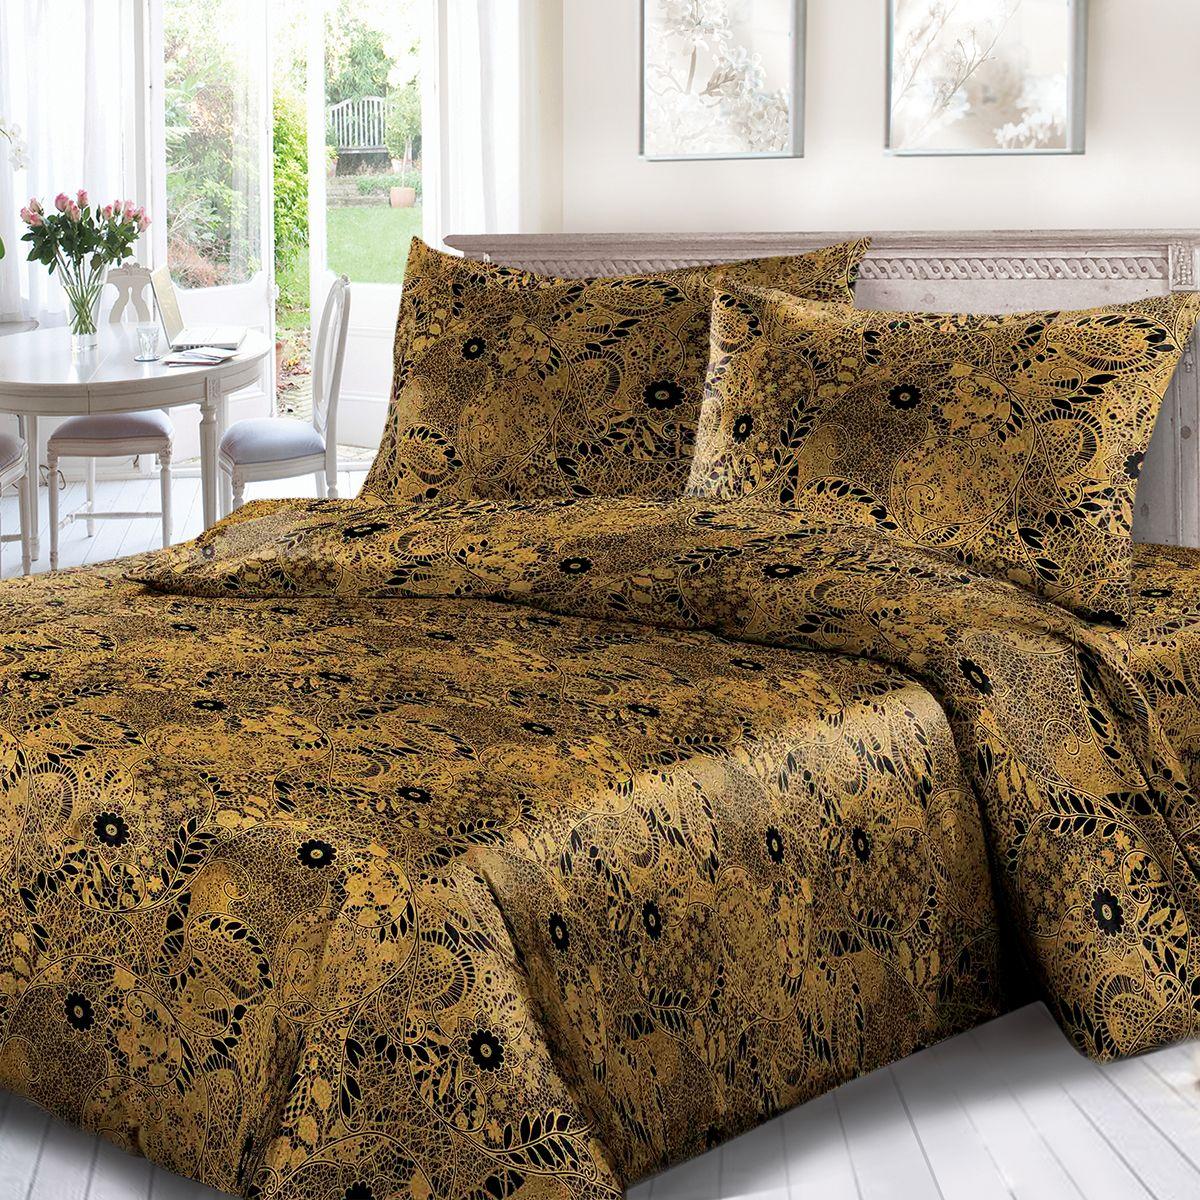 Комплект белья Сорренто Кружево, семейный, наволочки 70x70, цвет: коричневый. 1698-189089